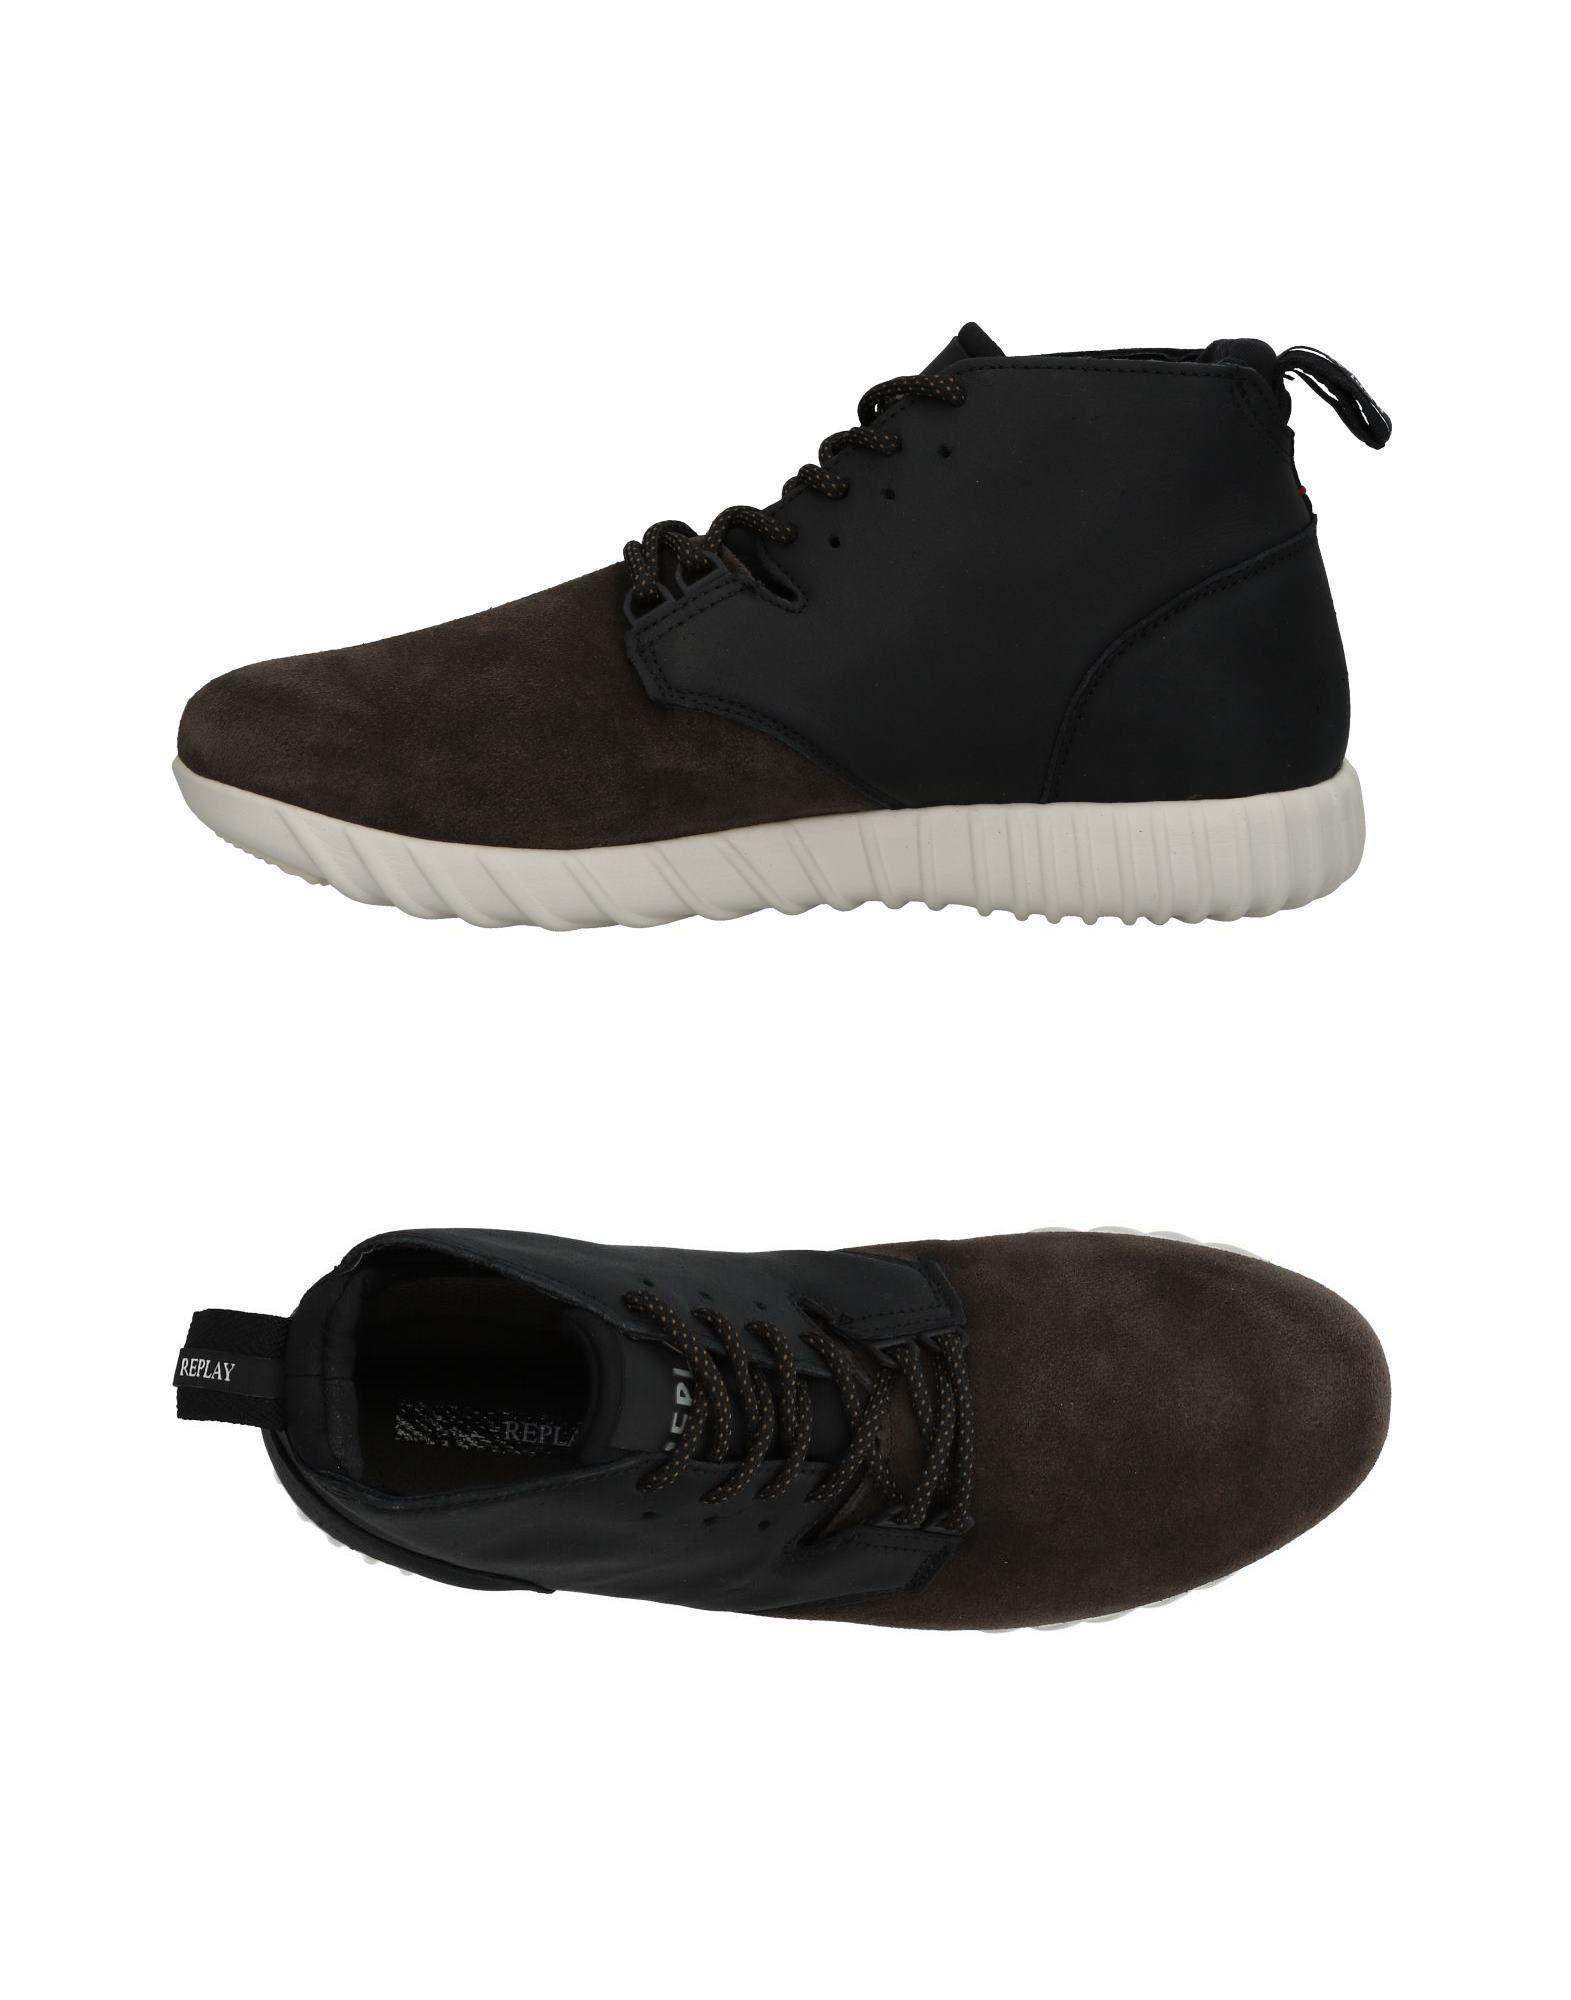 Rabatt echte Sneakers Schuhe Replay Sneakers echte Herren  11462722TP d0ce40